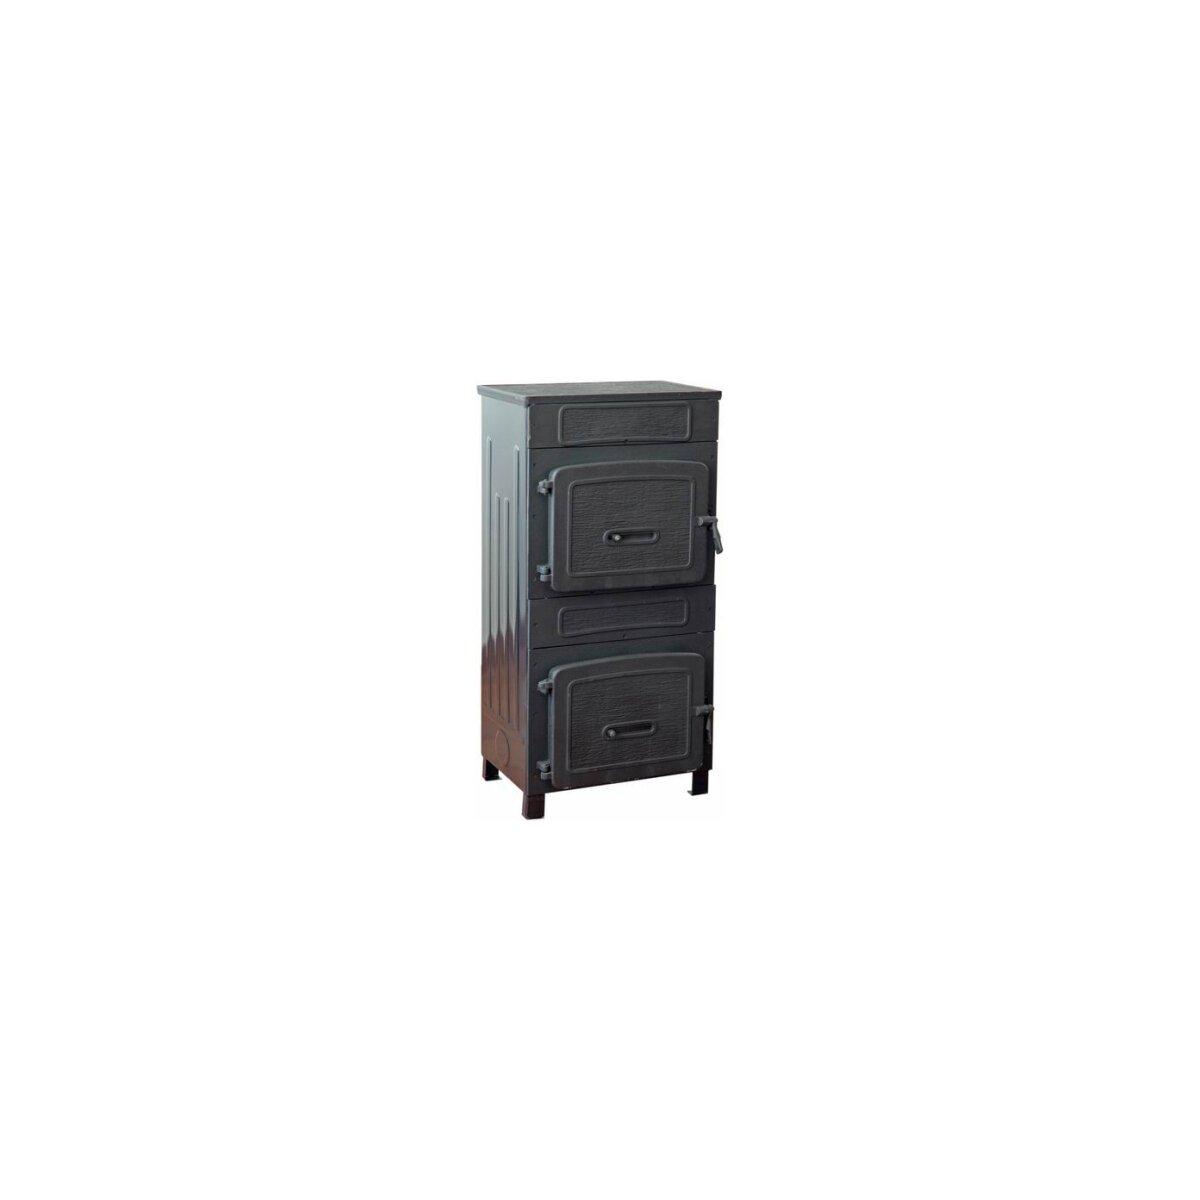 kaminofen wamsler wo109 8 449 00 von wamsler mit. Black Bedroom Furniture Sets. Home Design Ideas